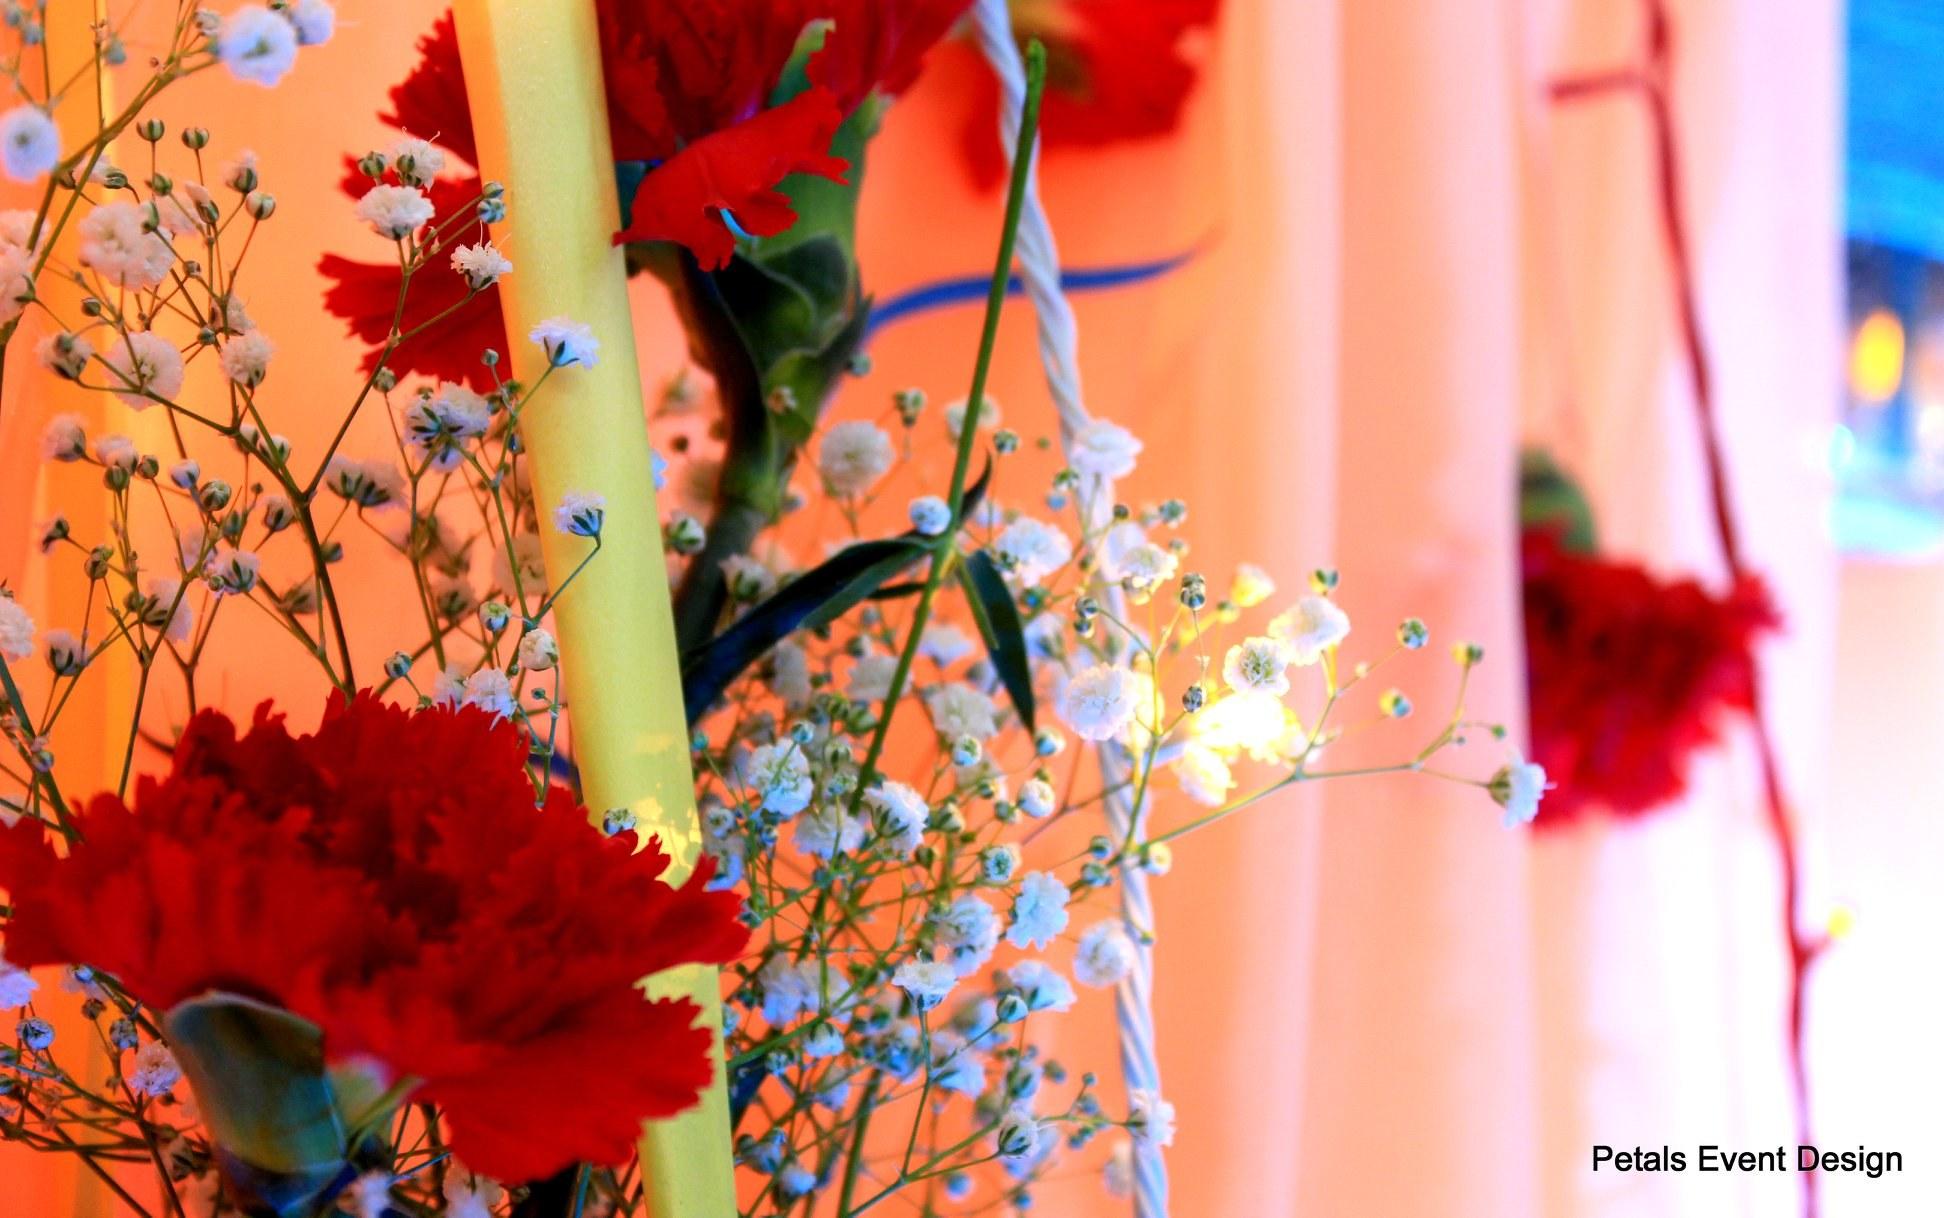 Petals Event Design - Portfolio